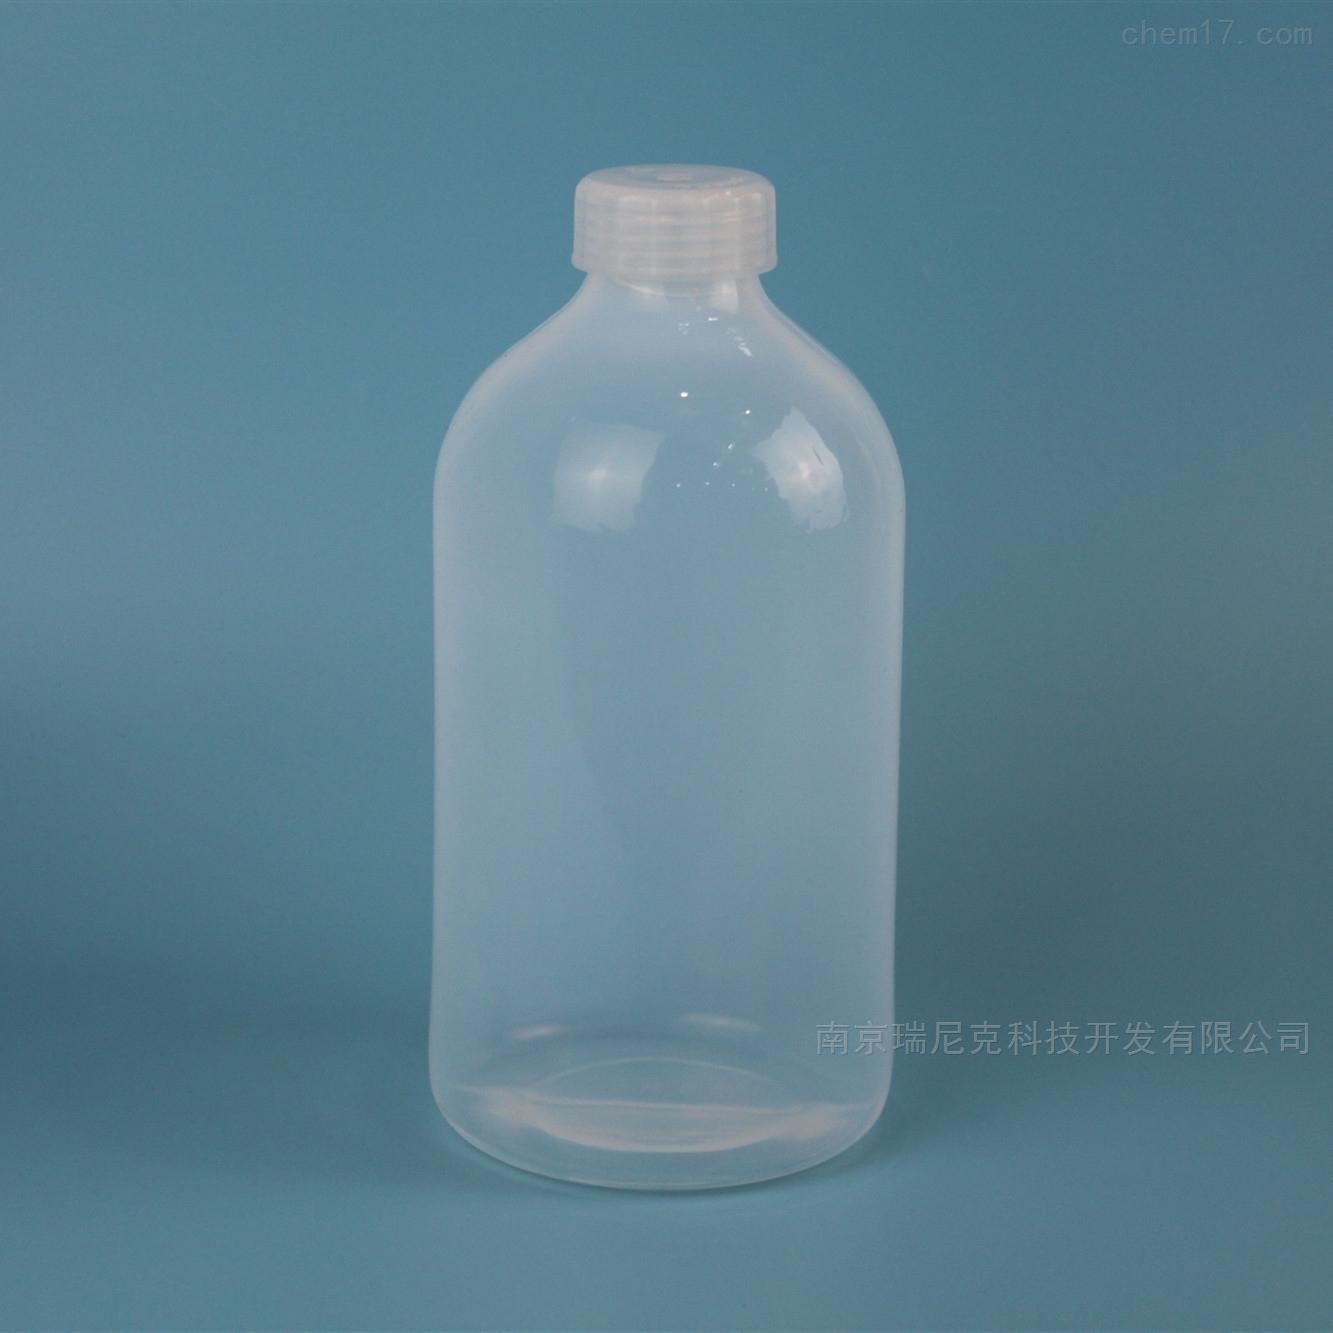 PFA试剂瓶/样品瓶/取样瓶500ml高透明